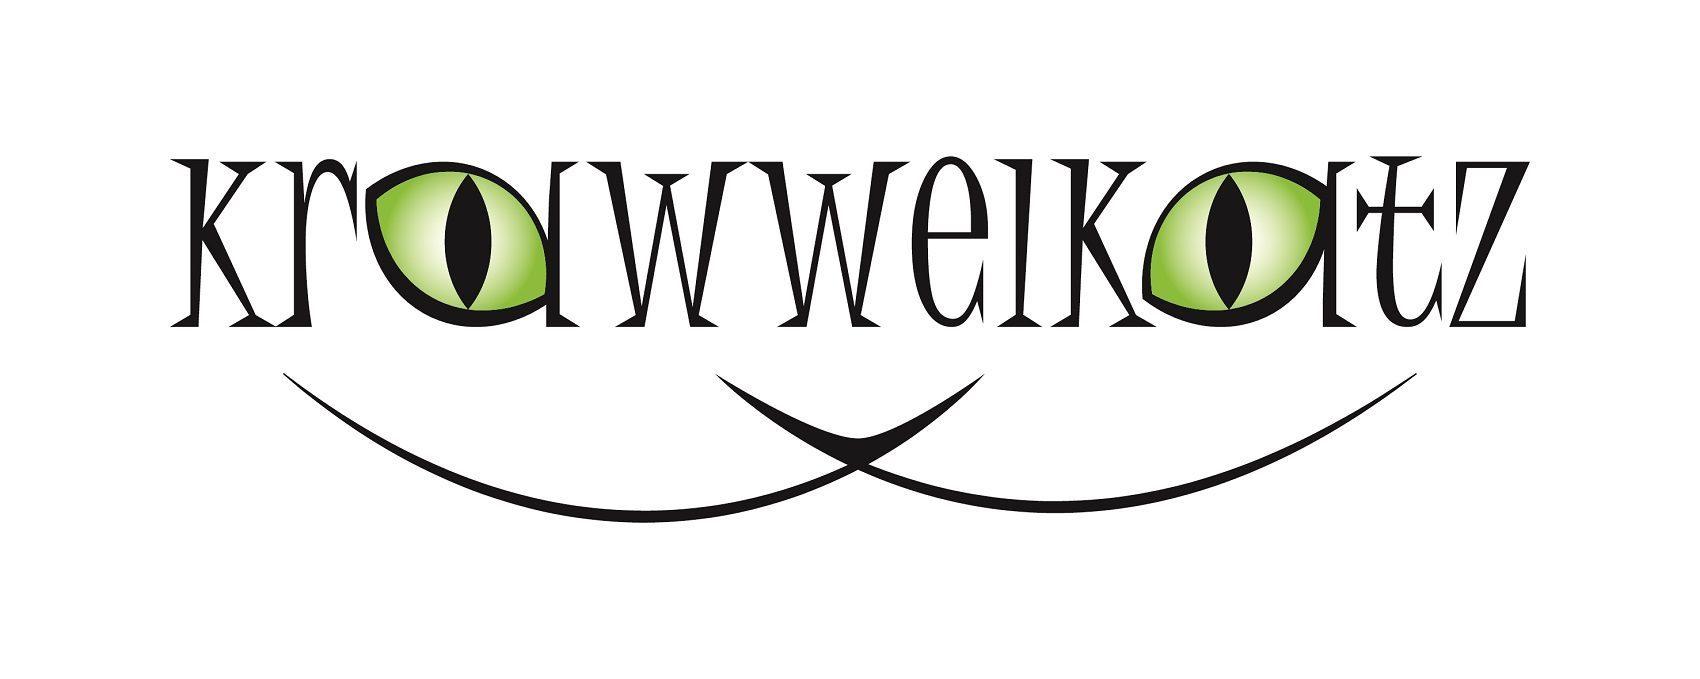 Krawwelkatz